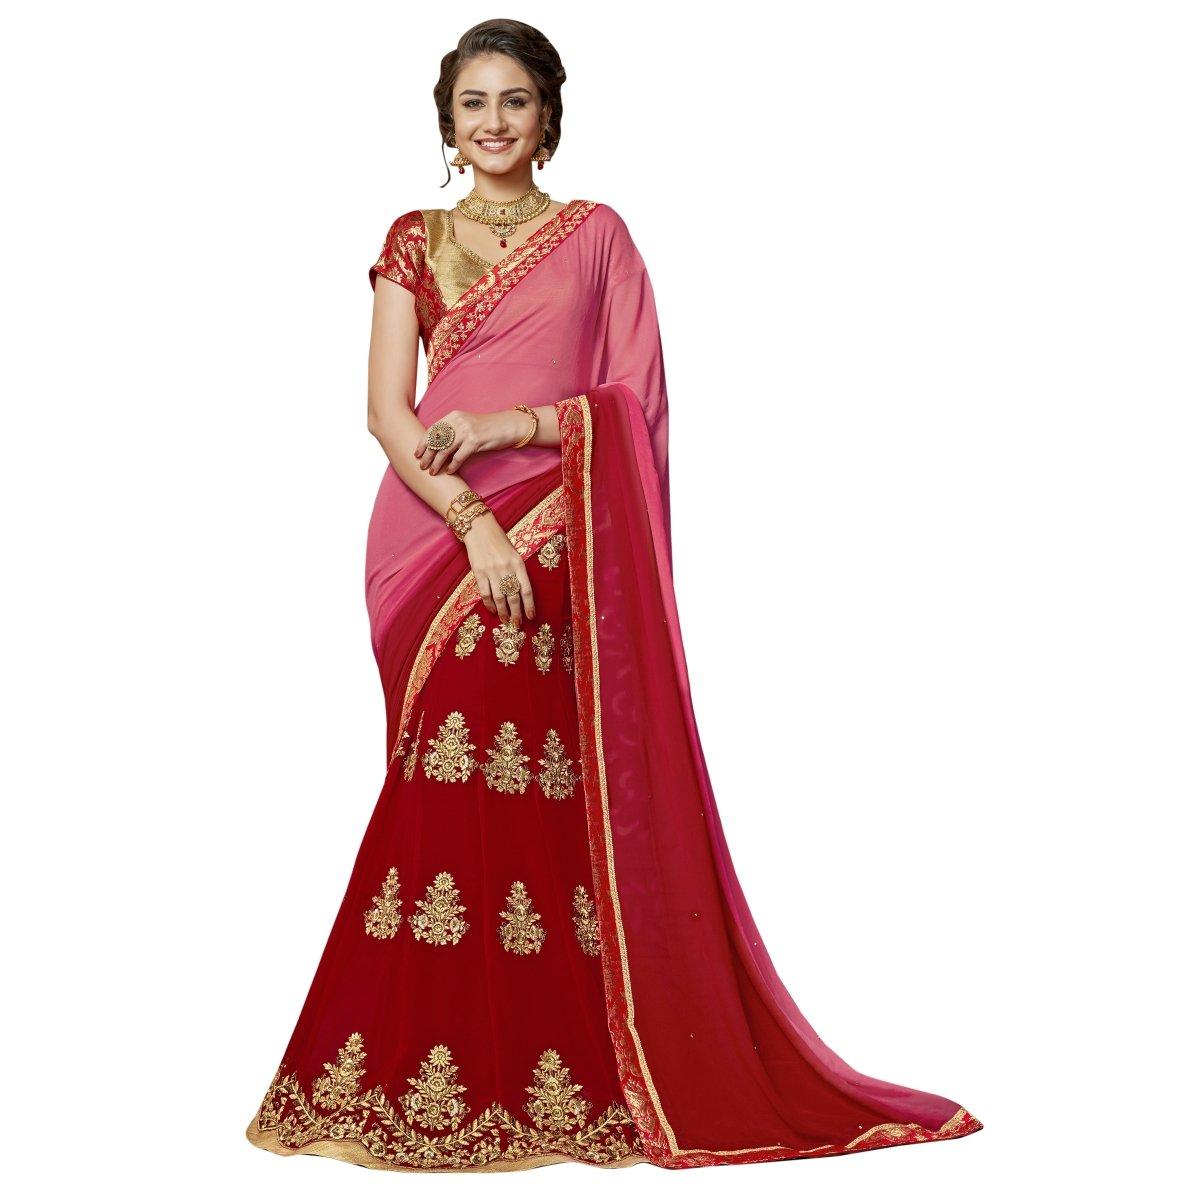 Aksaa Fashions Chiffon Pink Festival Wear Embroidered Half n Half Lehenga Saree AKTSNDV8601US